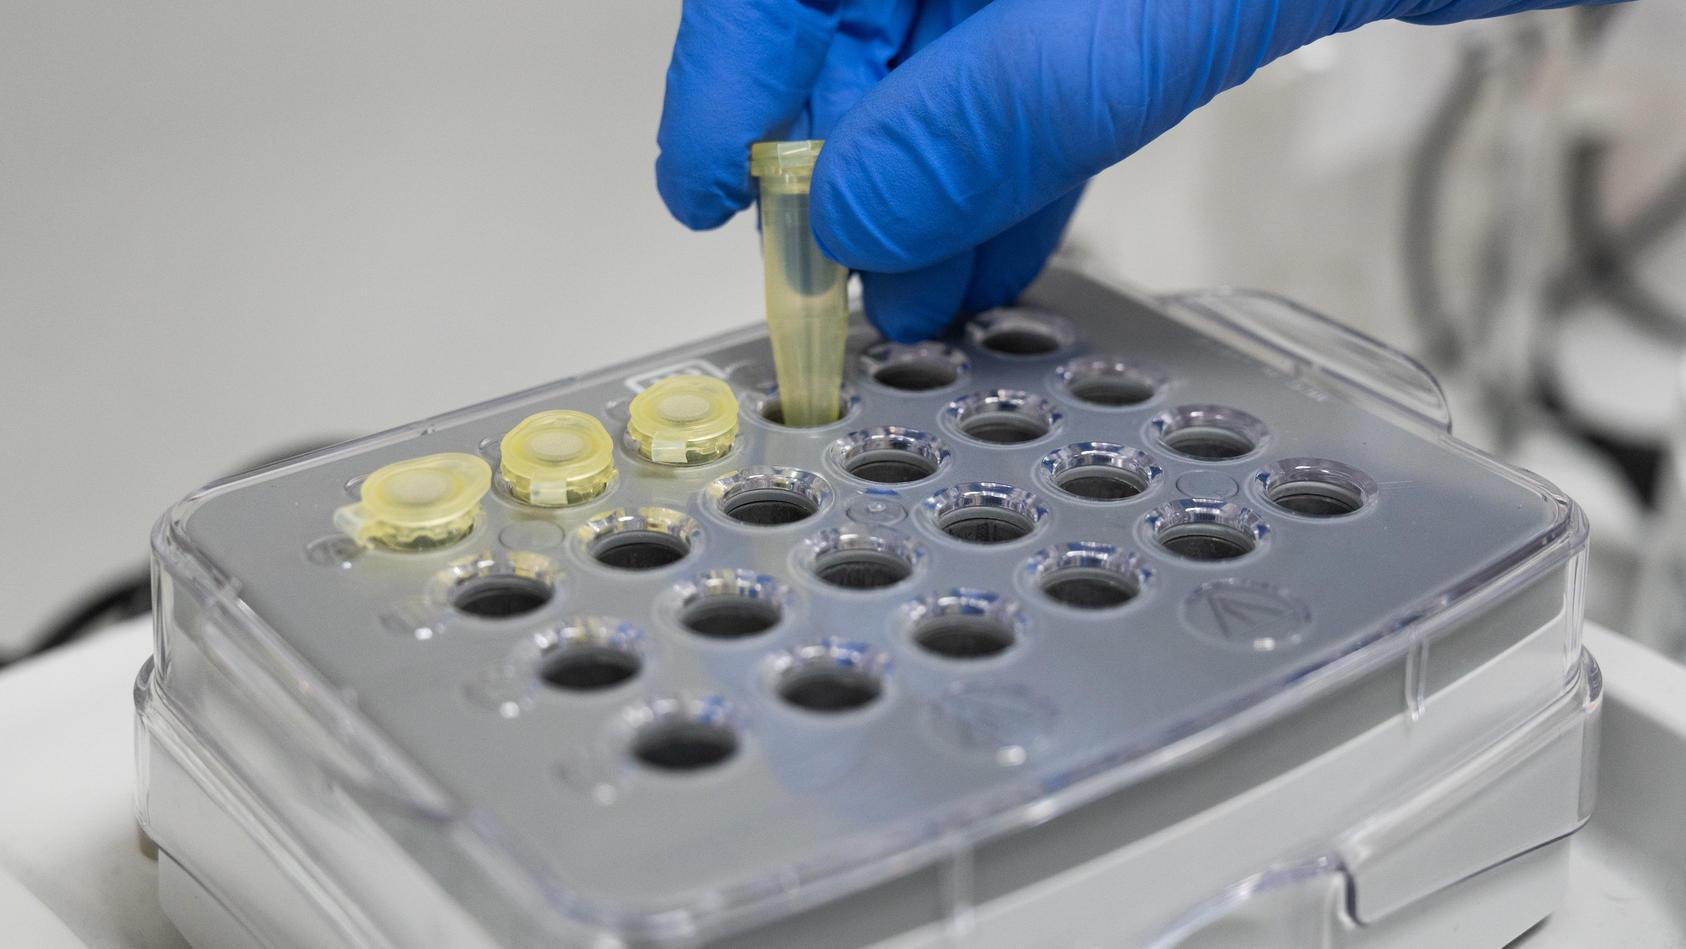 Untersuchungen zum Coronavirus in der Charite Berlin